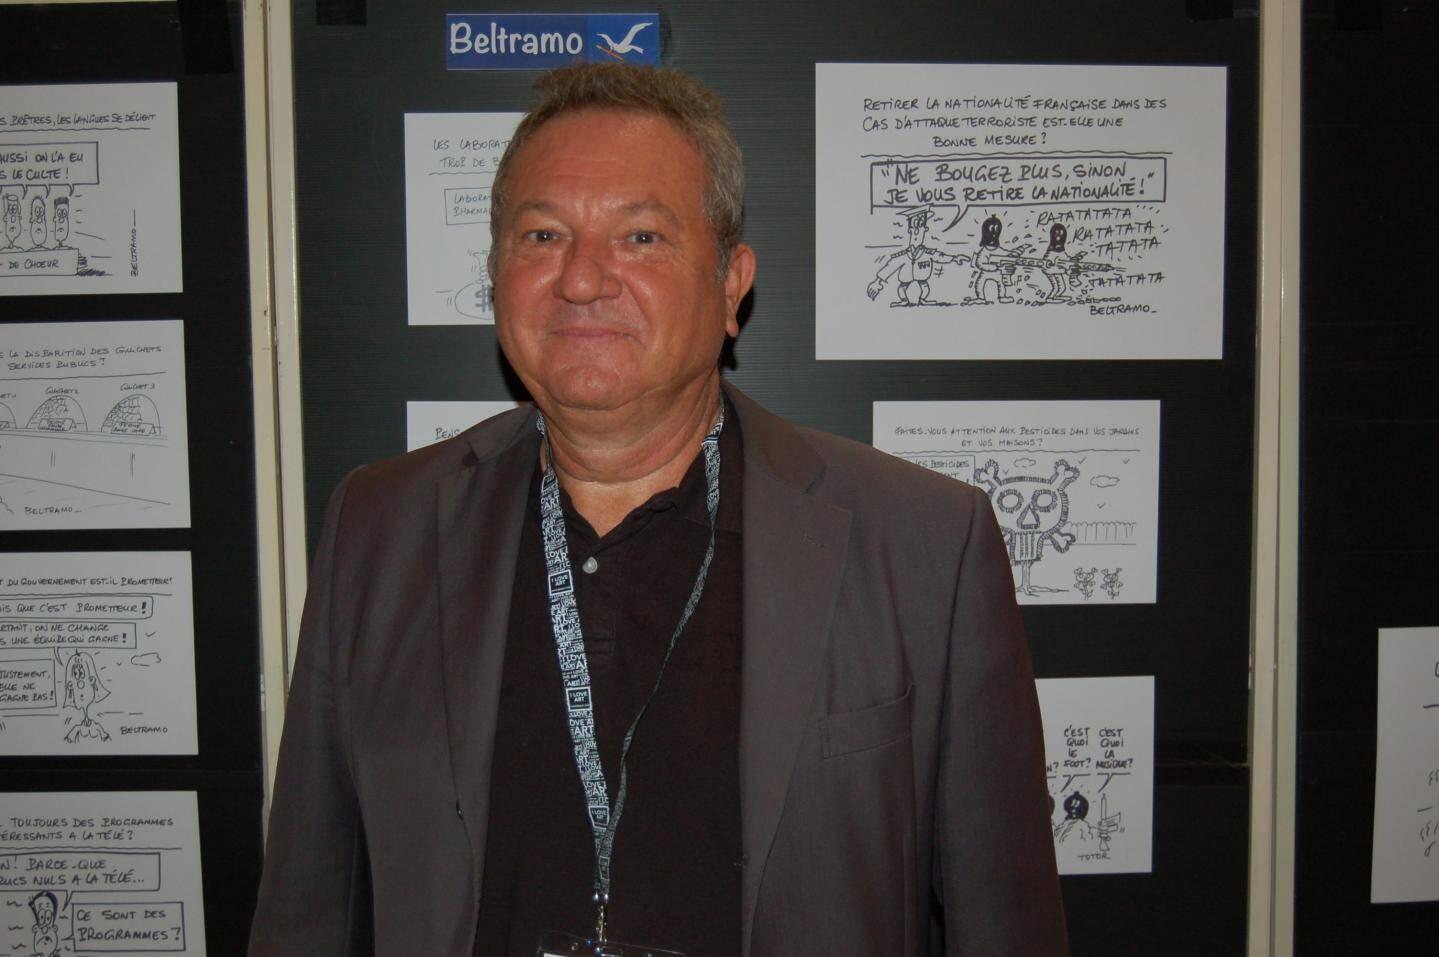 Le local, Jean-Jacques Beltramo, sera de retour avec sa théorie fondée sur les limites du mauvais goût,de l'irrévérence et notre histoire personnelle.